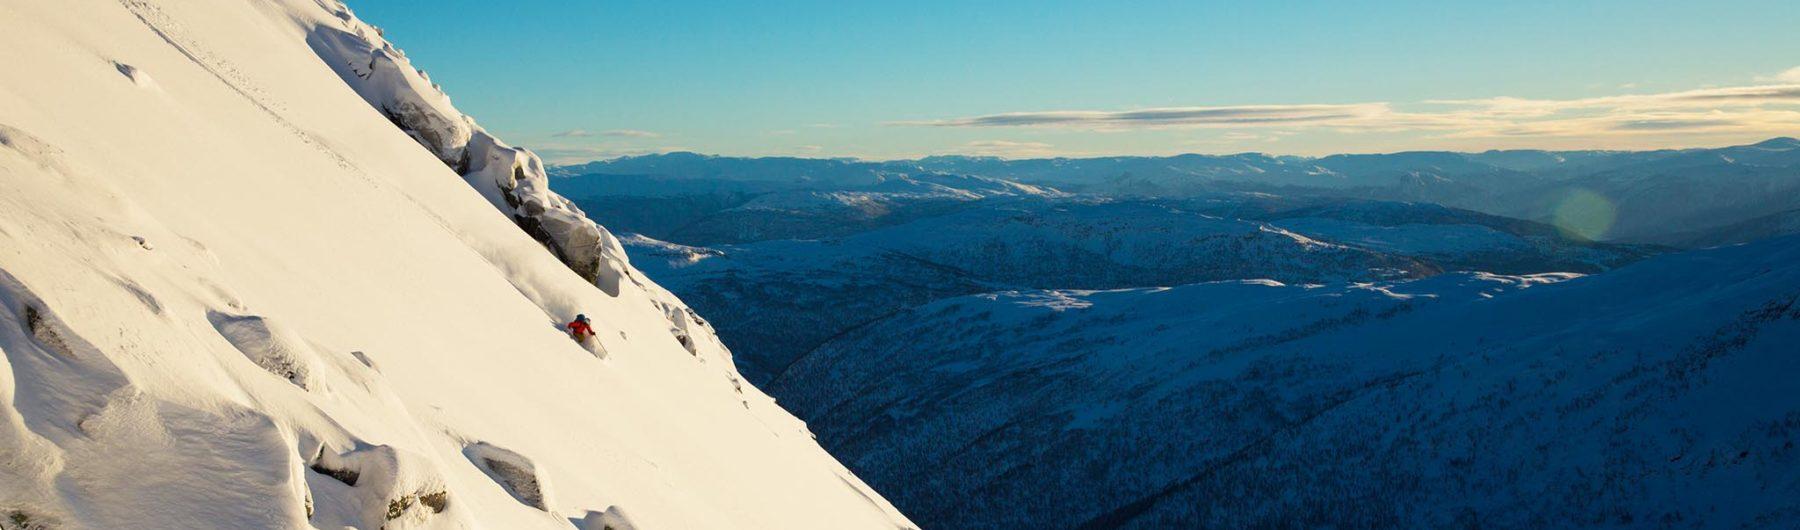 Einsame Skitouren und Freeriden im besten Schnee in Österreich und den Alpen mit Bergführer bei Animont